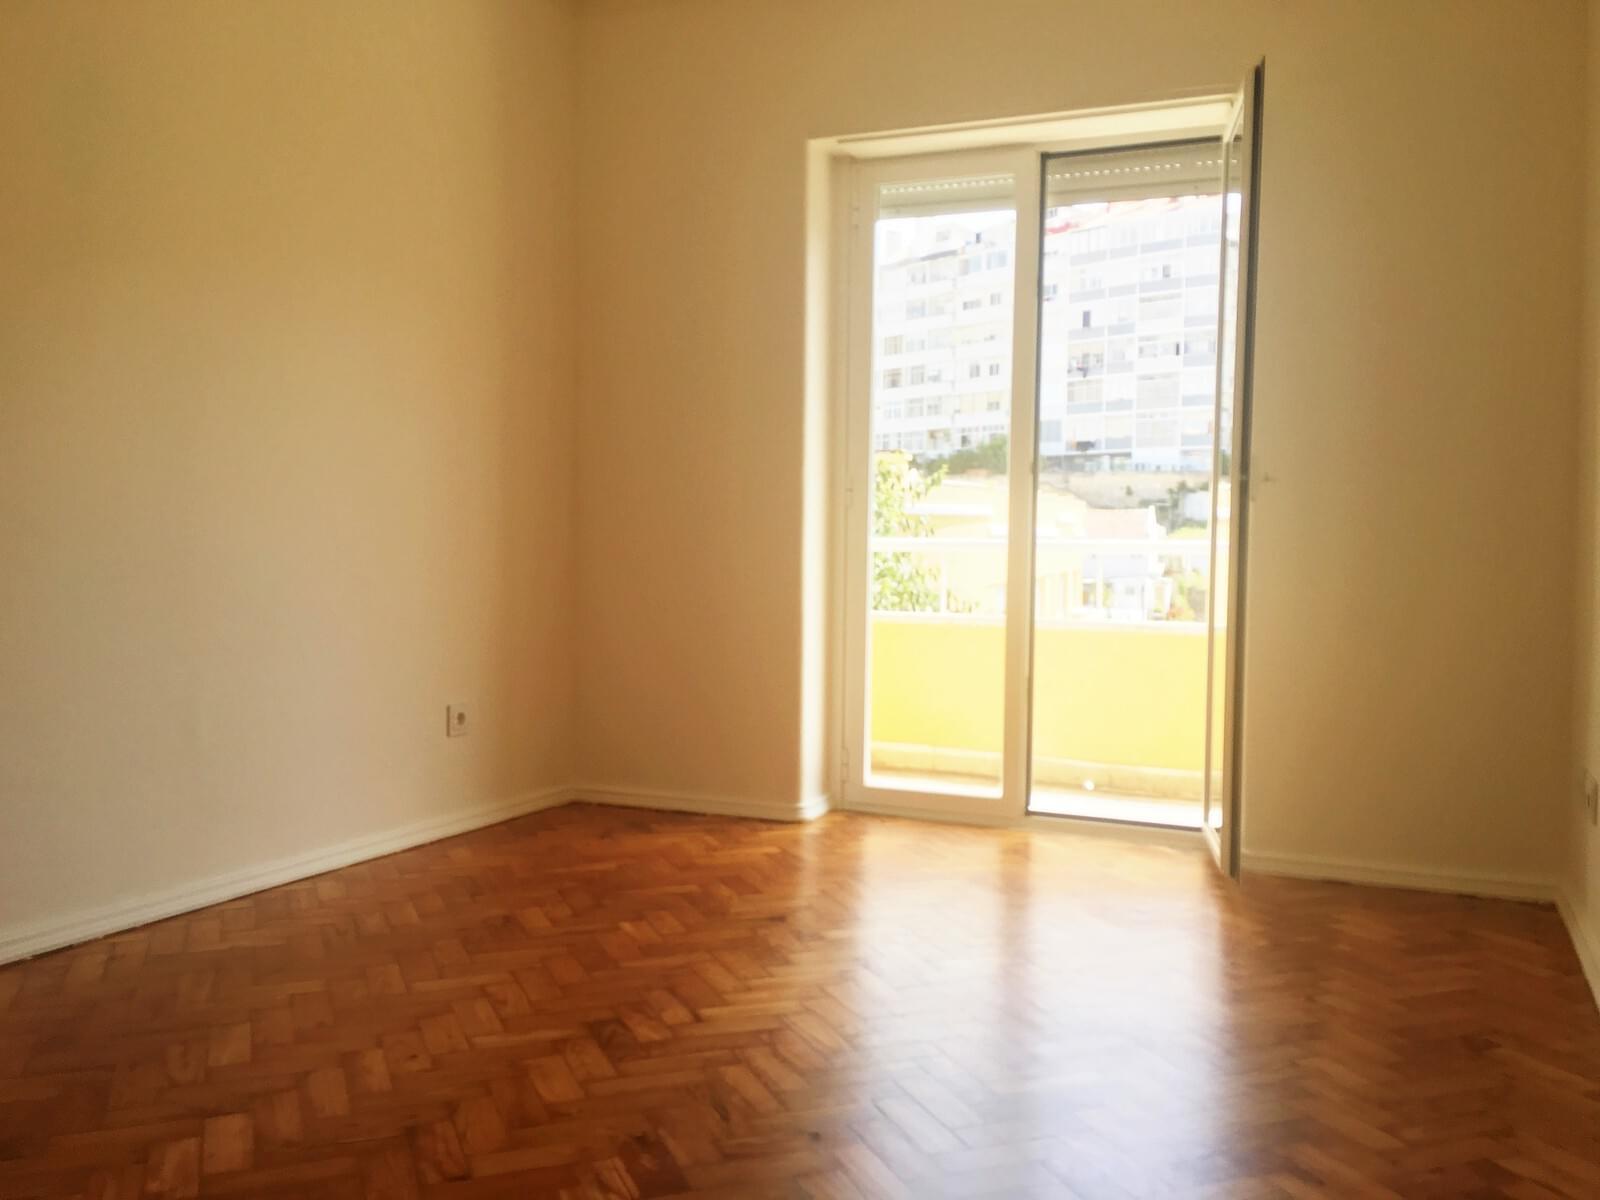 pf17642-apartamento-t3-lisboa-6847436e-cea6-4927-bcde-635ff43b1d9e